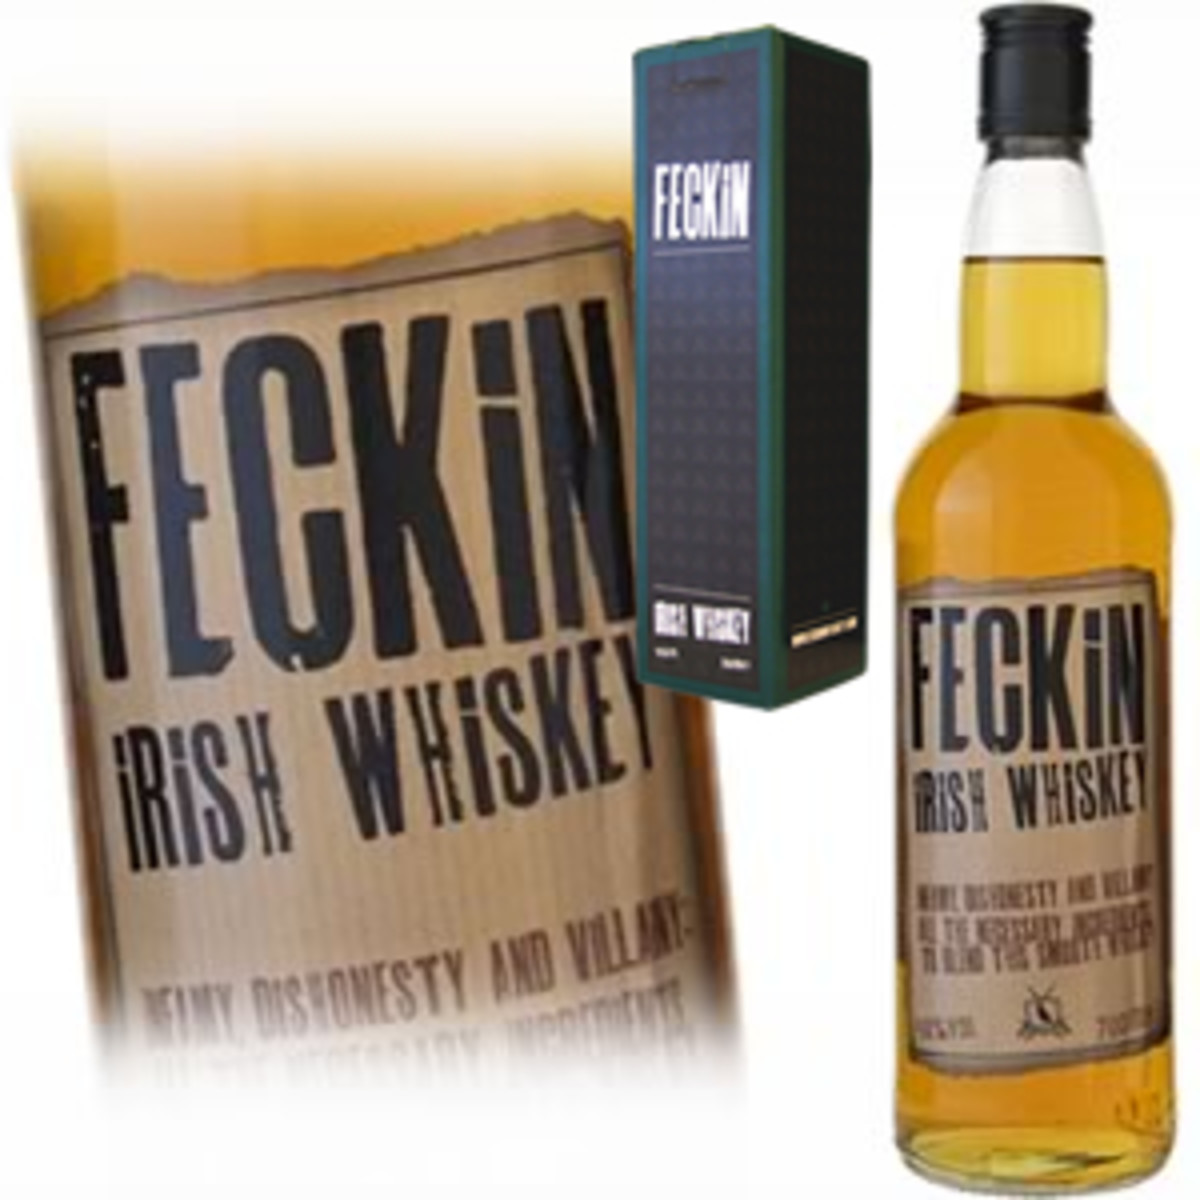 history-irish-whiskey